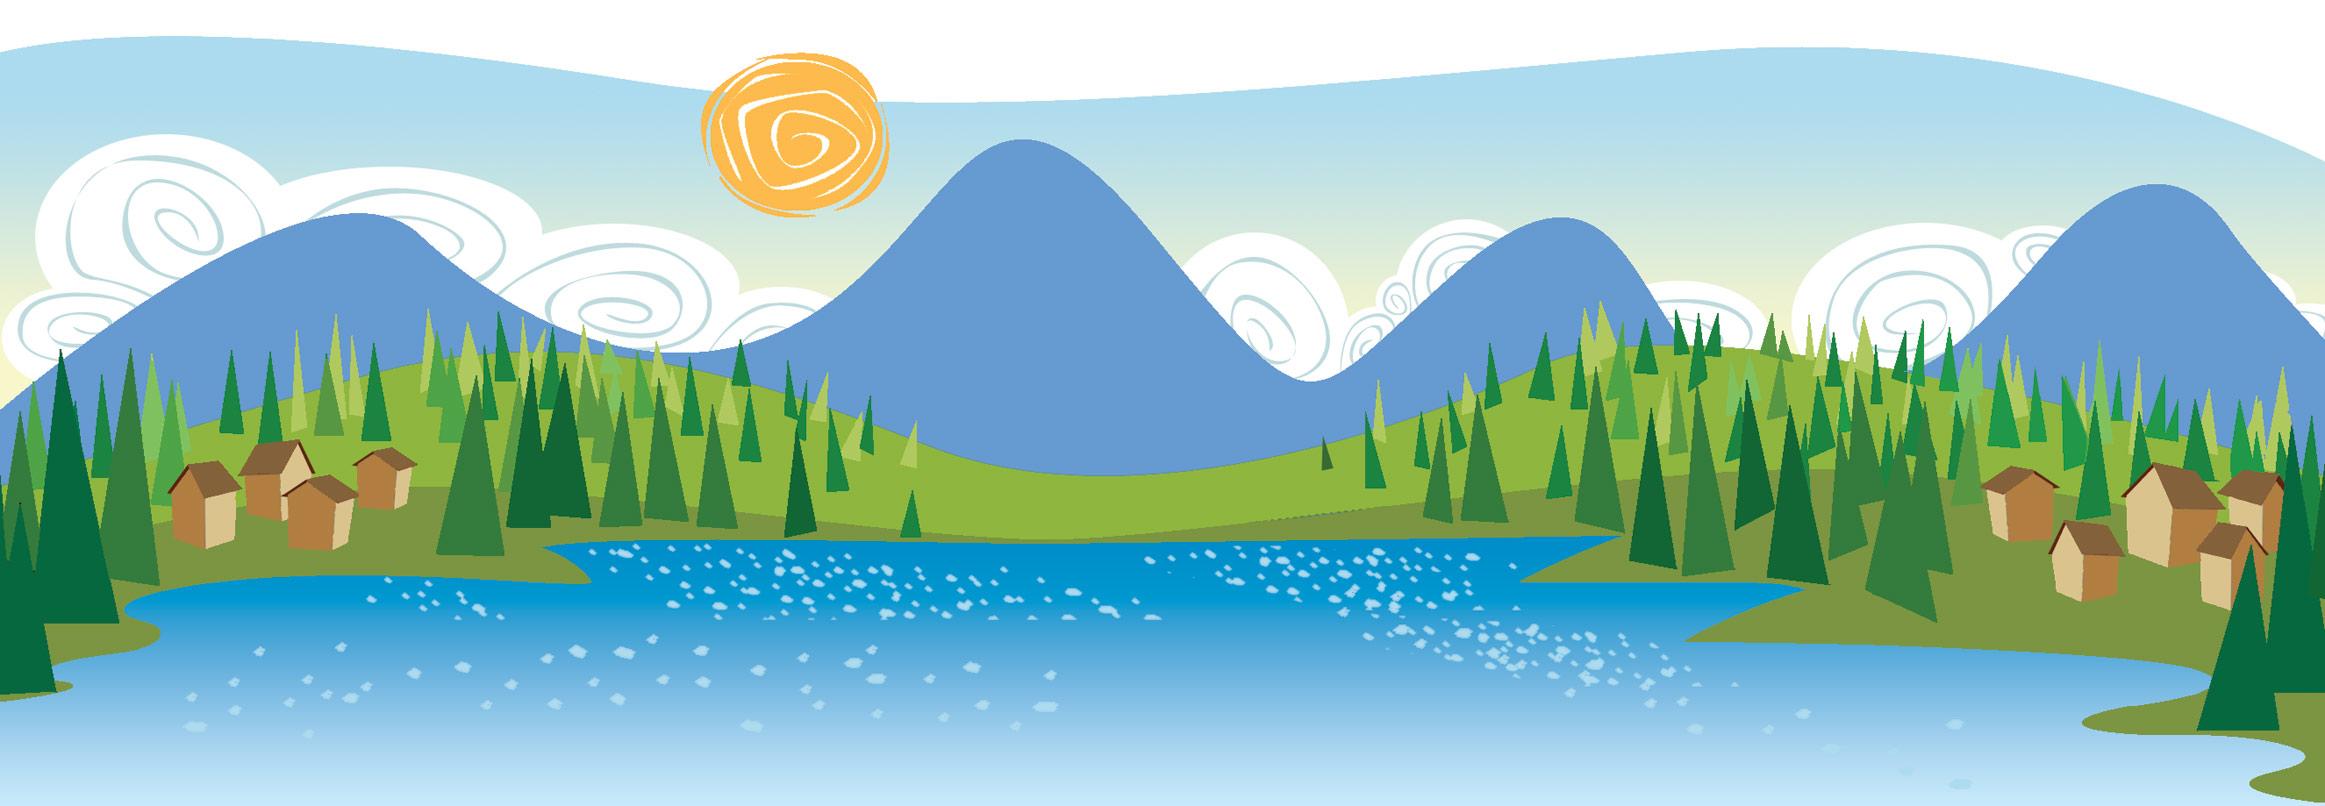 Landscape clipart. Clip art panda free